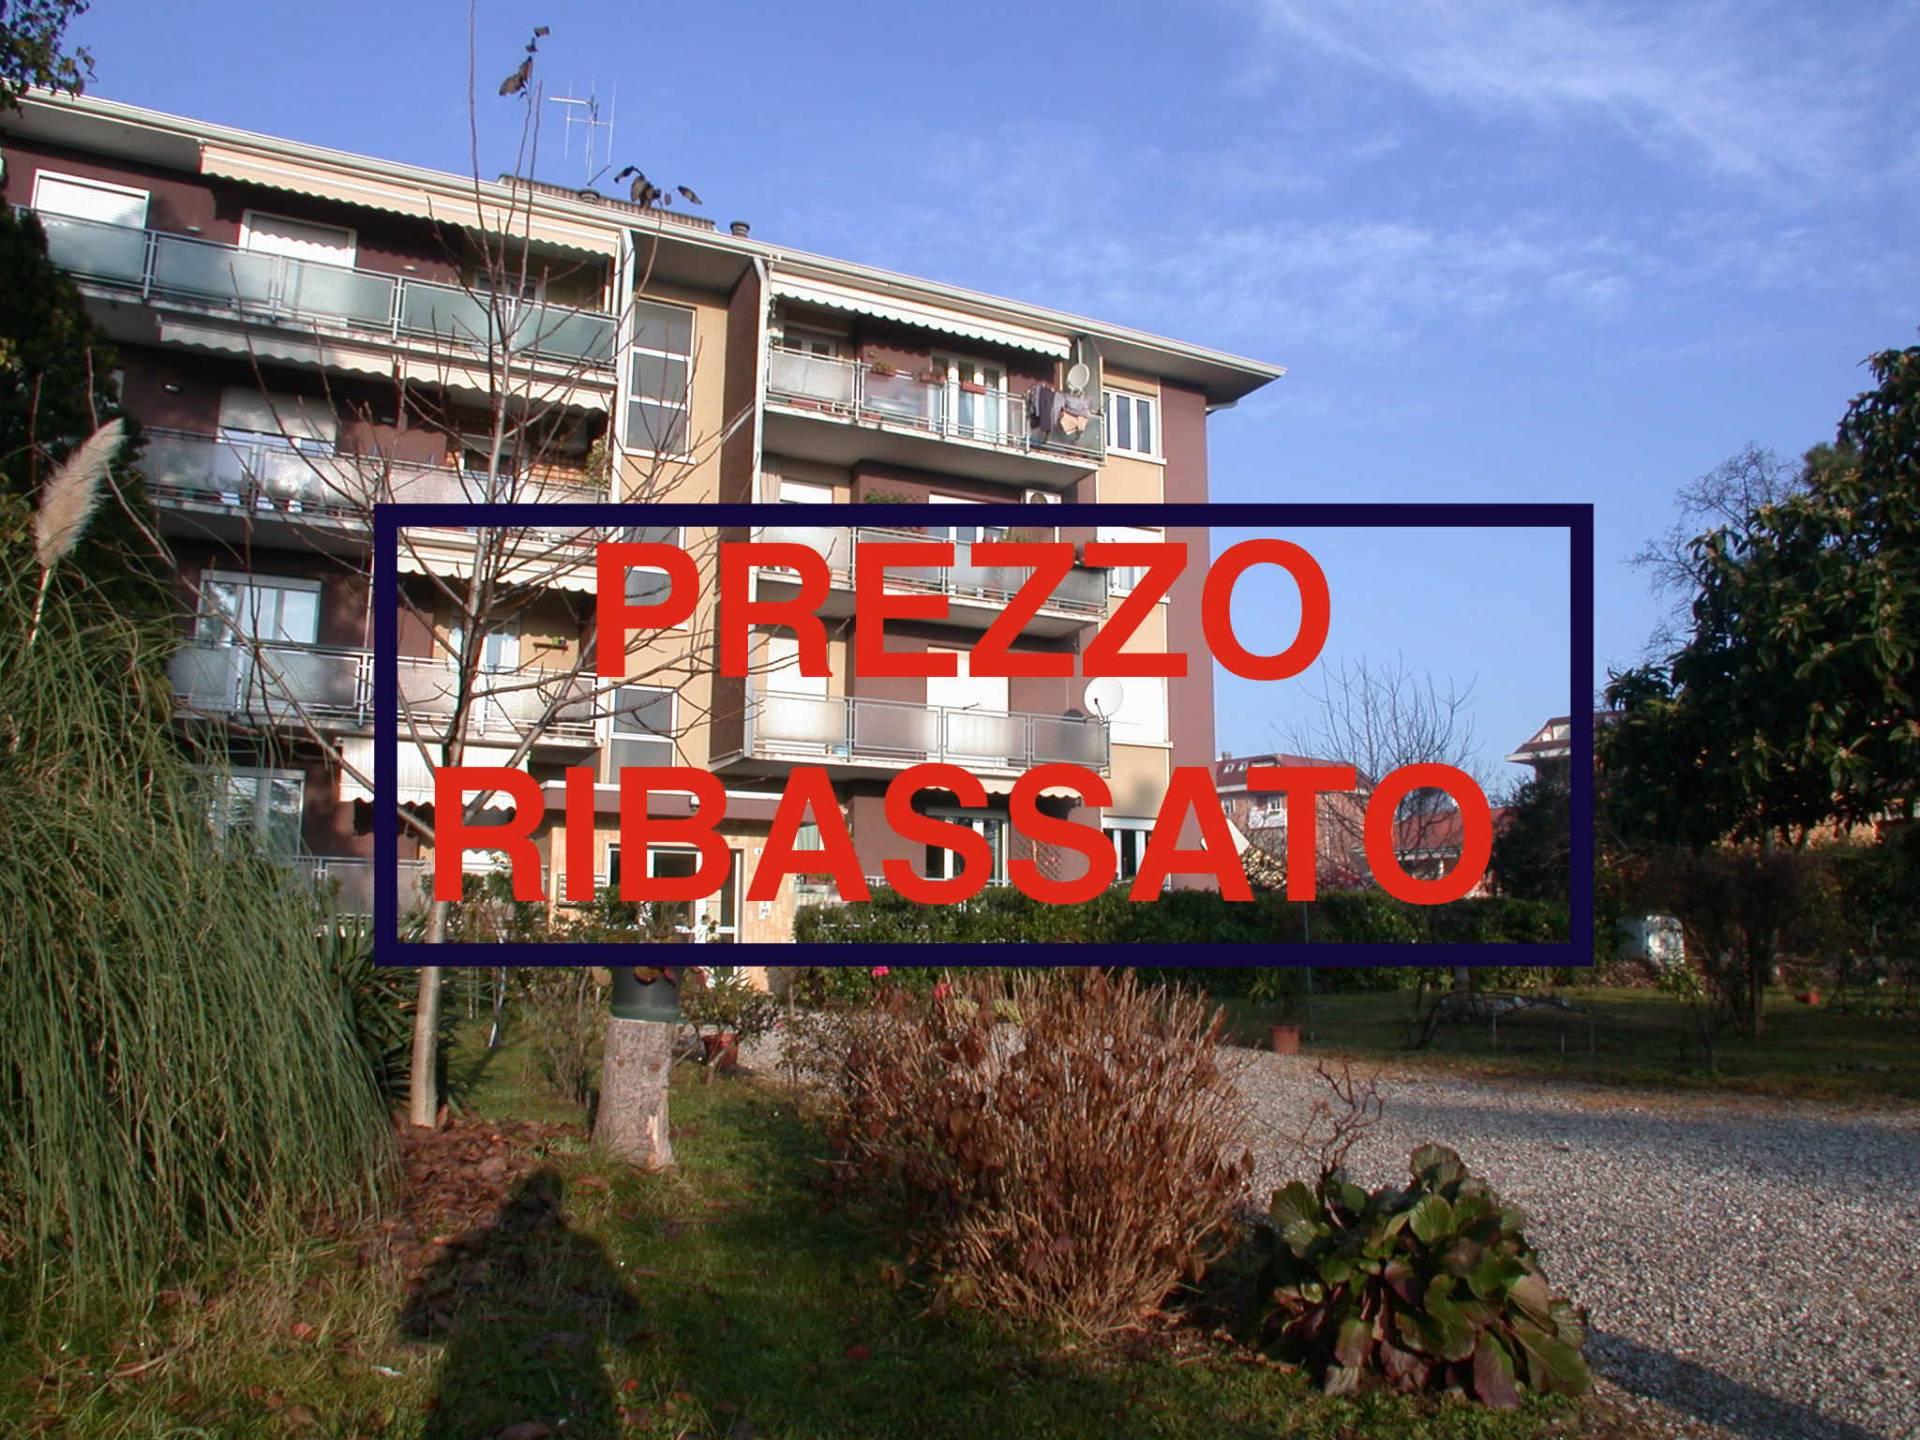 Appartamento in vendita a Gorizia, 7 locali, zona Località: S.Anna, prezzo € 79.000 | Cambio Casa.it